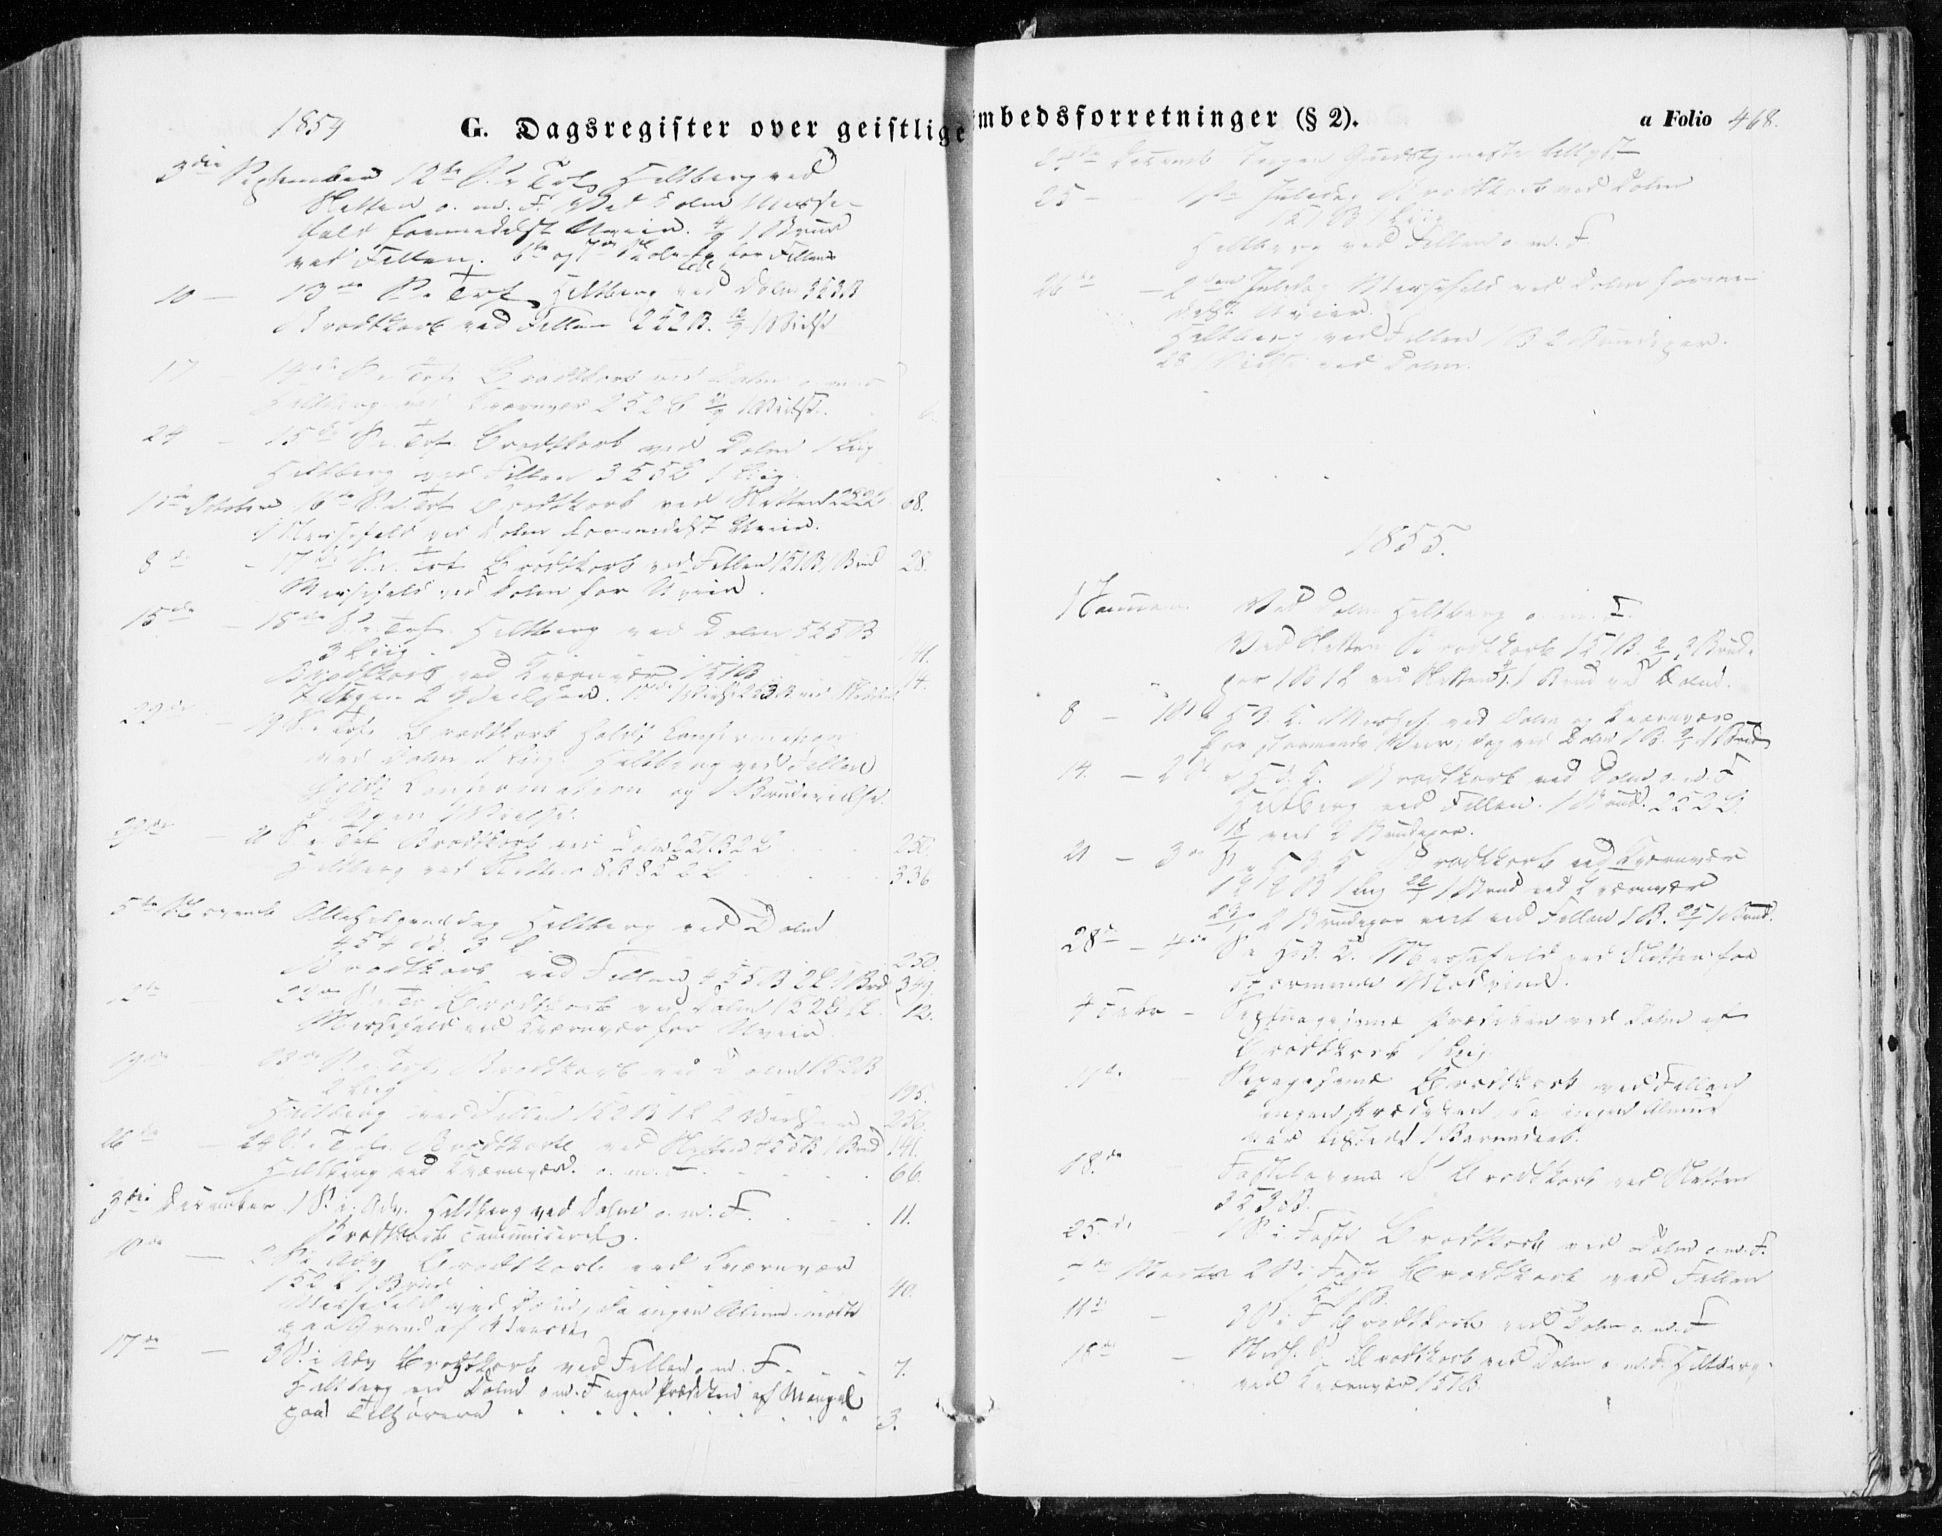 SAT, Ministerialprotokoller, klokkerbøker og fødselsregistre - Sør-Trøndelag, 634/L0530: Ministerialbok nr. 634A06, 1852-1860, s. 468